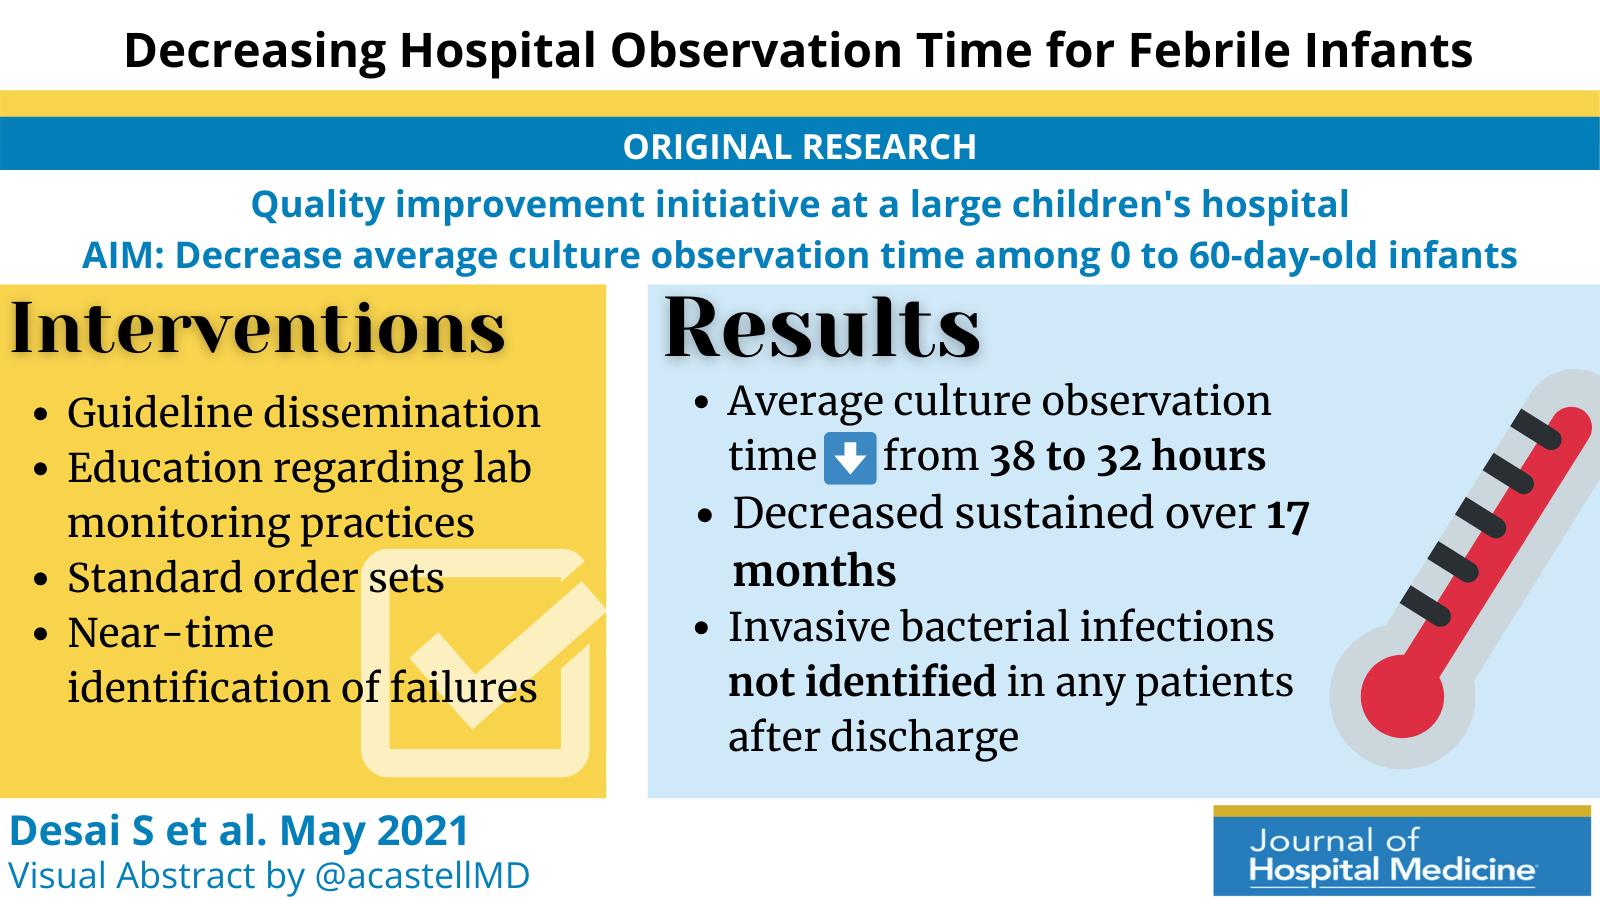 Decreasing Hospital Observation Time for Febrile Infants